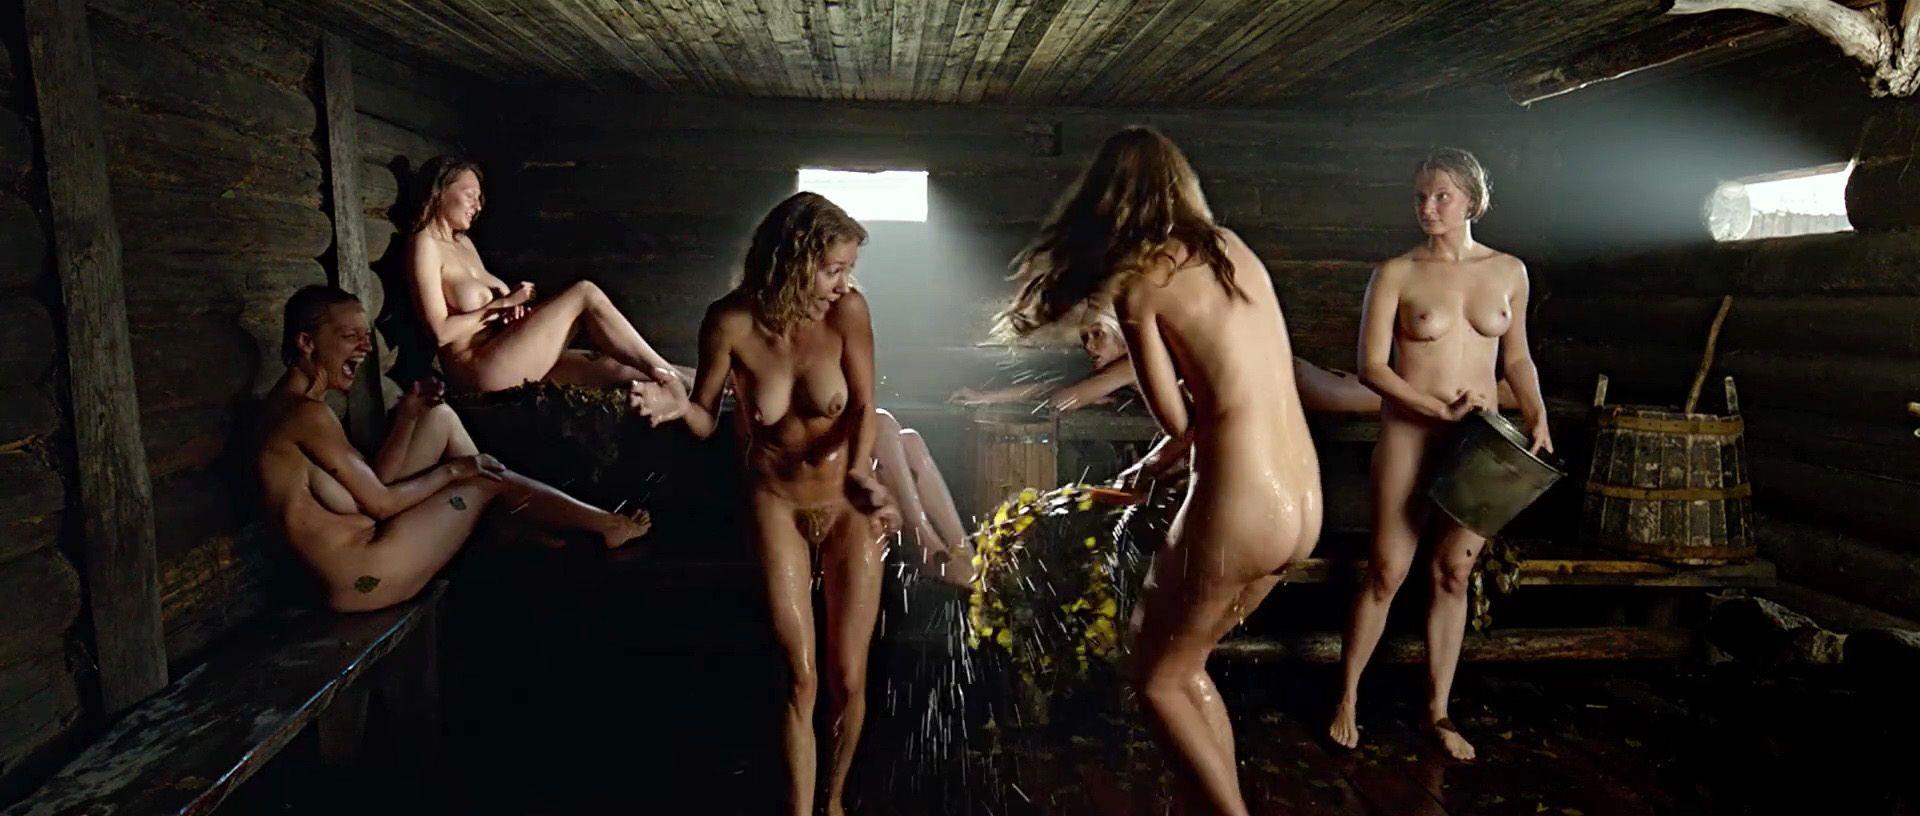 Сцены с голыми актерами из фильмов видео